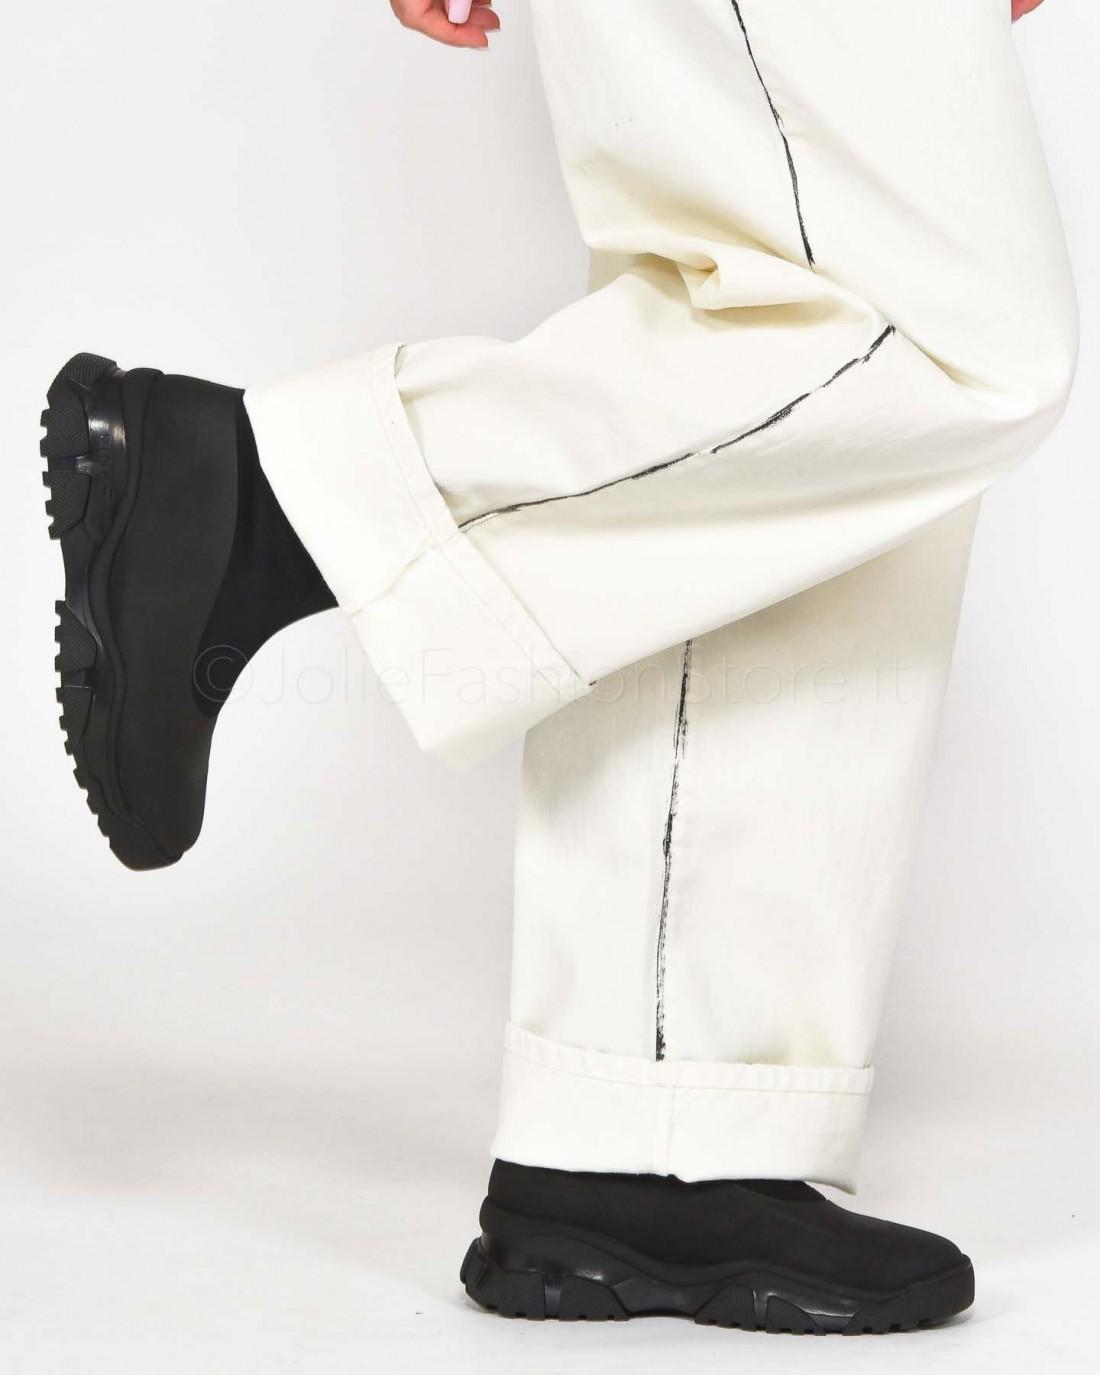 migliori offerte su stile popolare scarpe da ginnastica Patrizia Pepe Cintura a Vita Alta in Pelle Avorio - Cinture